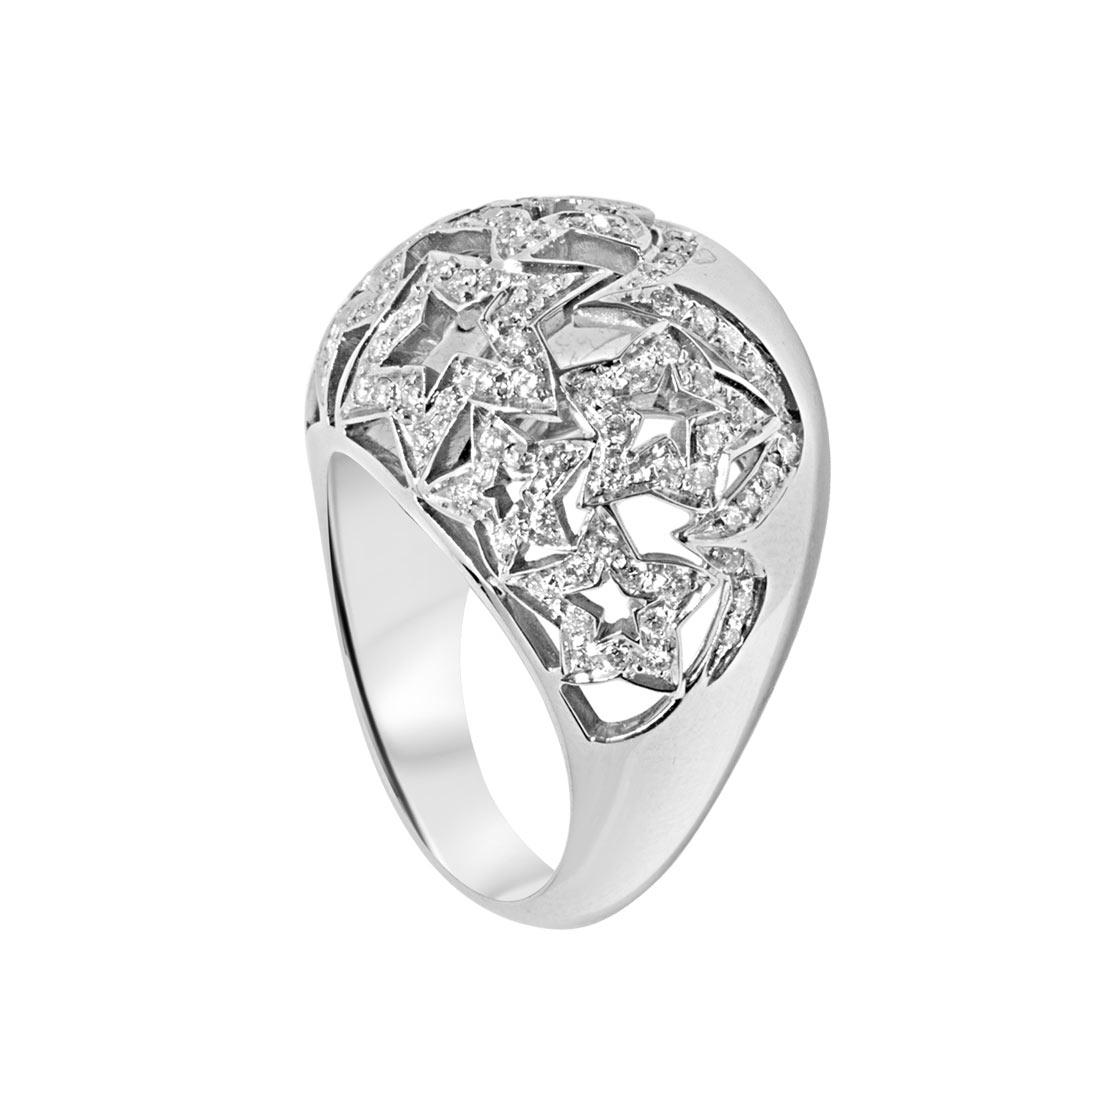 Anello Oro& Co in oro bianco e diamanti ct 0,63 misura 15 - ORO&CO